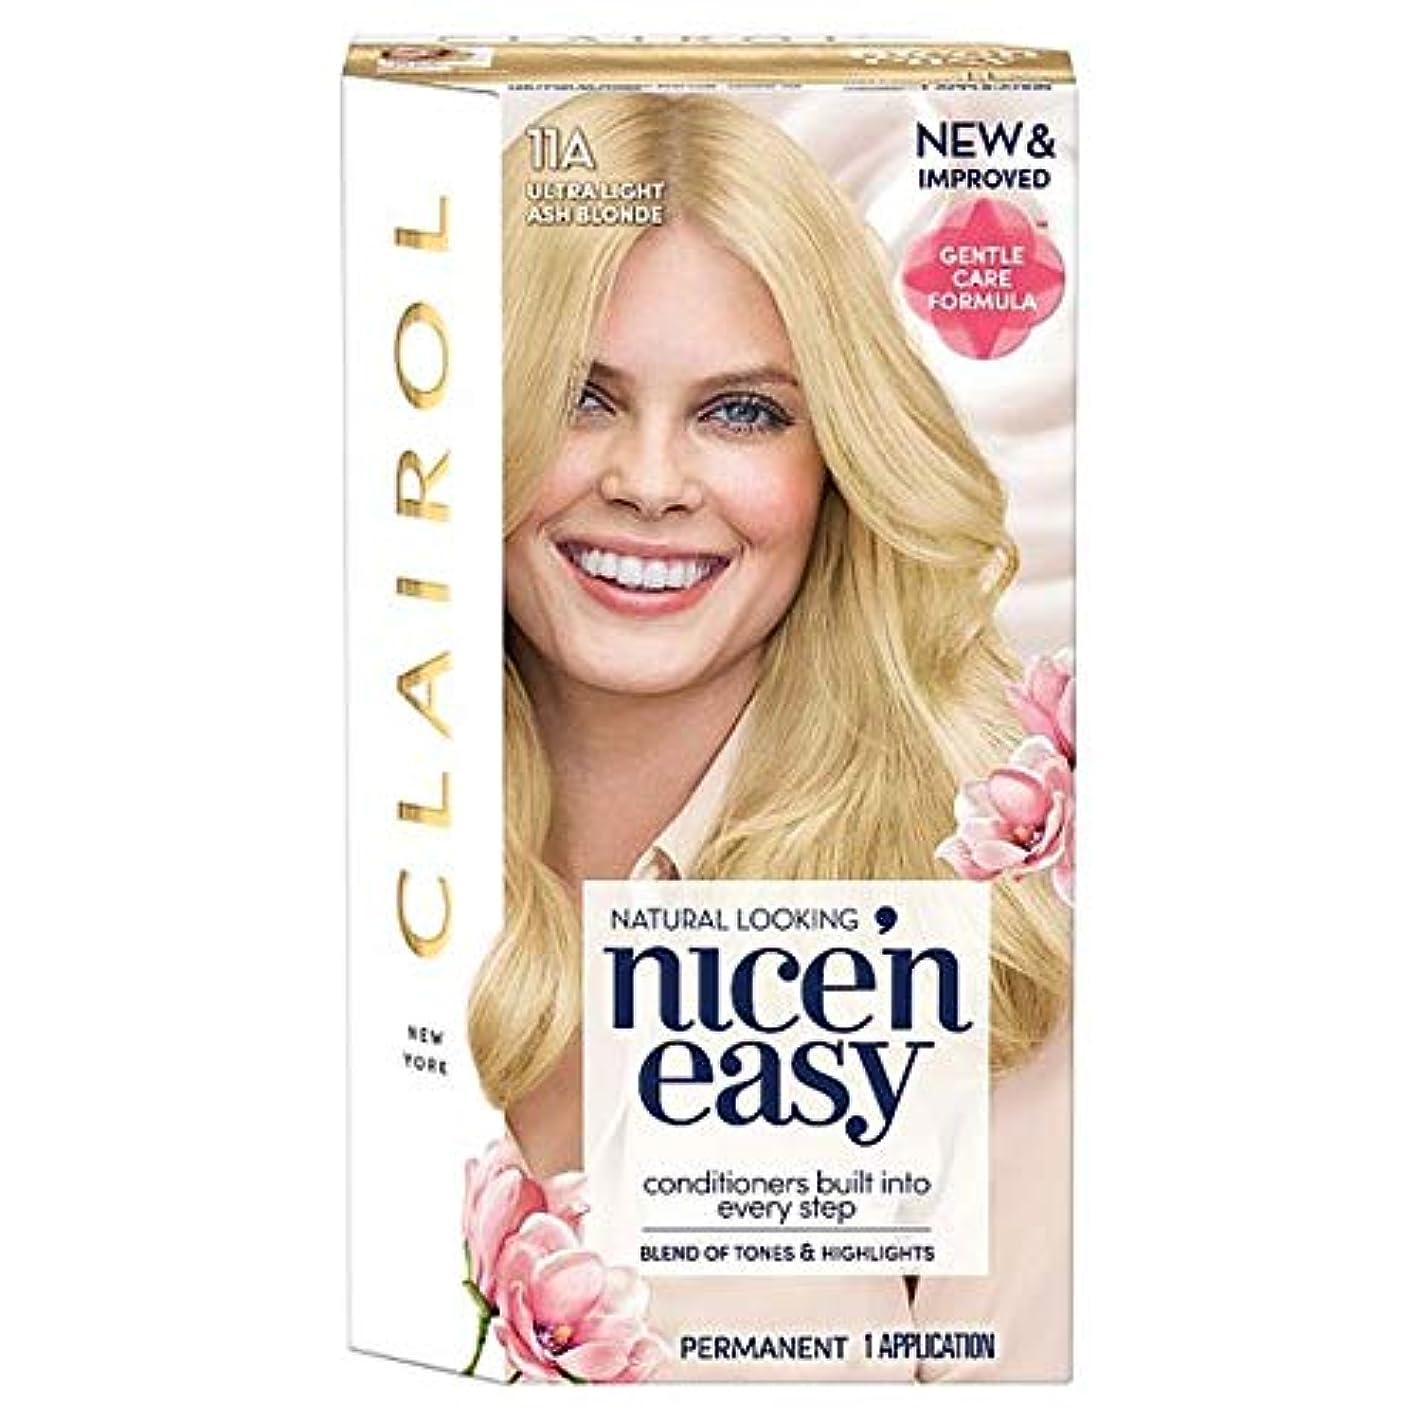 リラックスモードウィスキー[Nice'n Easy] クレイロール素敵な「N簡単超軽量アッシュブロンド11Aの染毛剤 - Clairol Nice 'N Easy Ultra Light Ash Blonde 11A Hair Dye [並行輸入品]